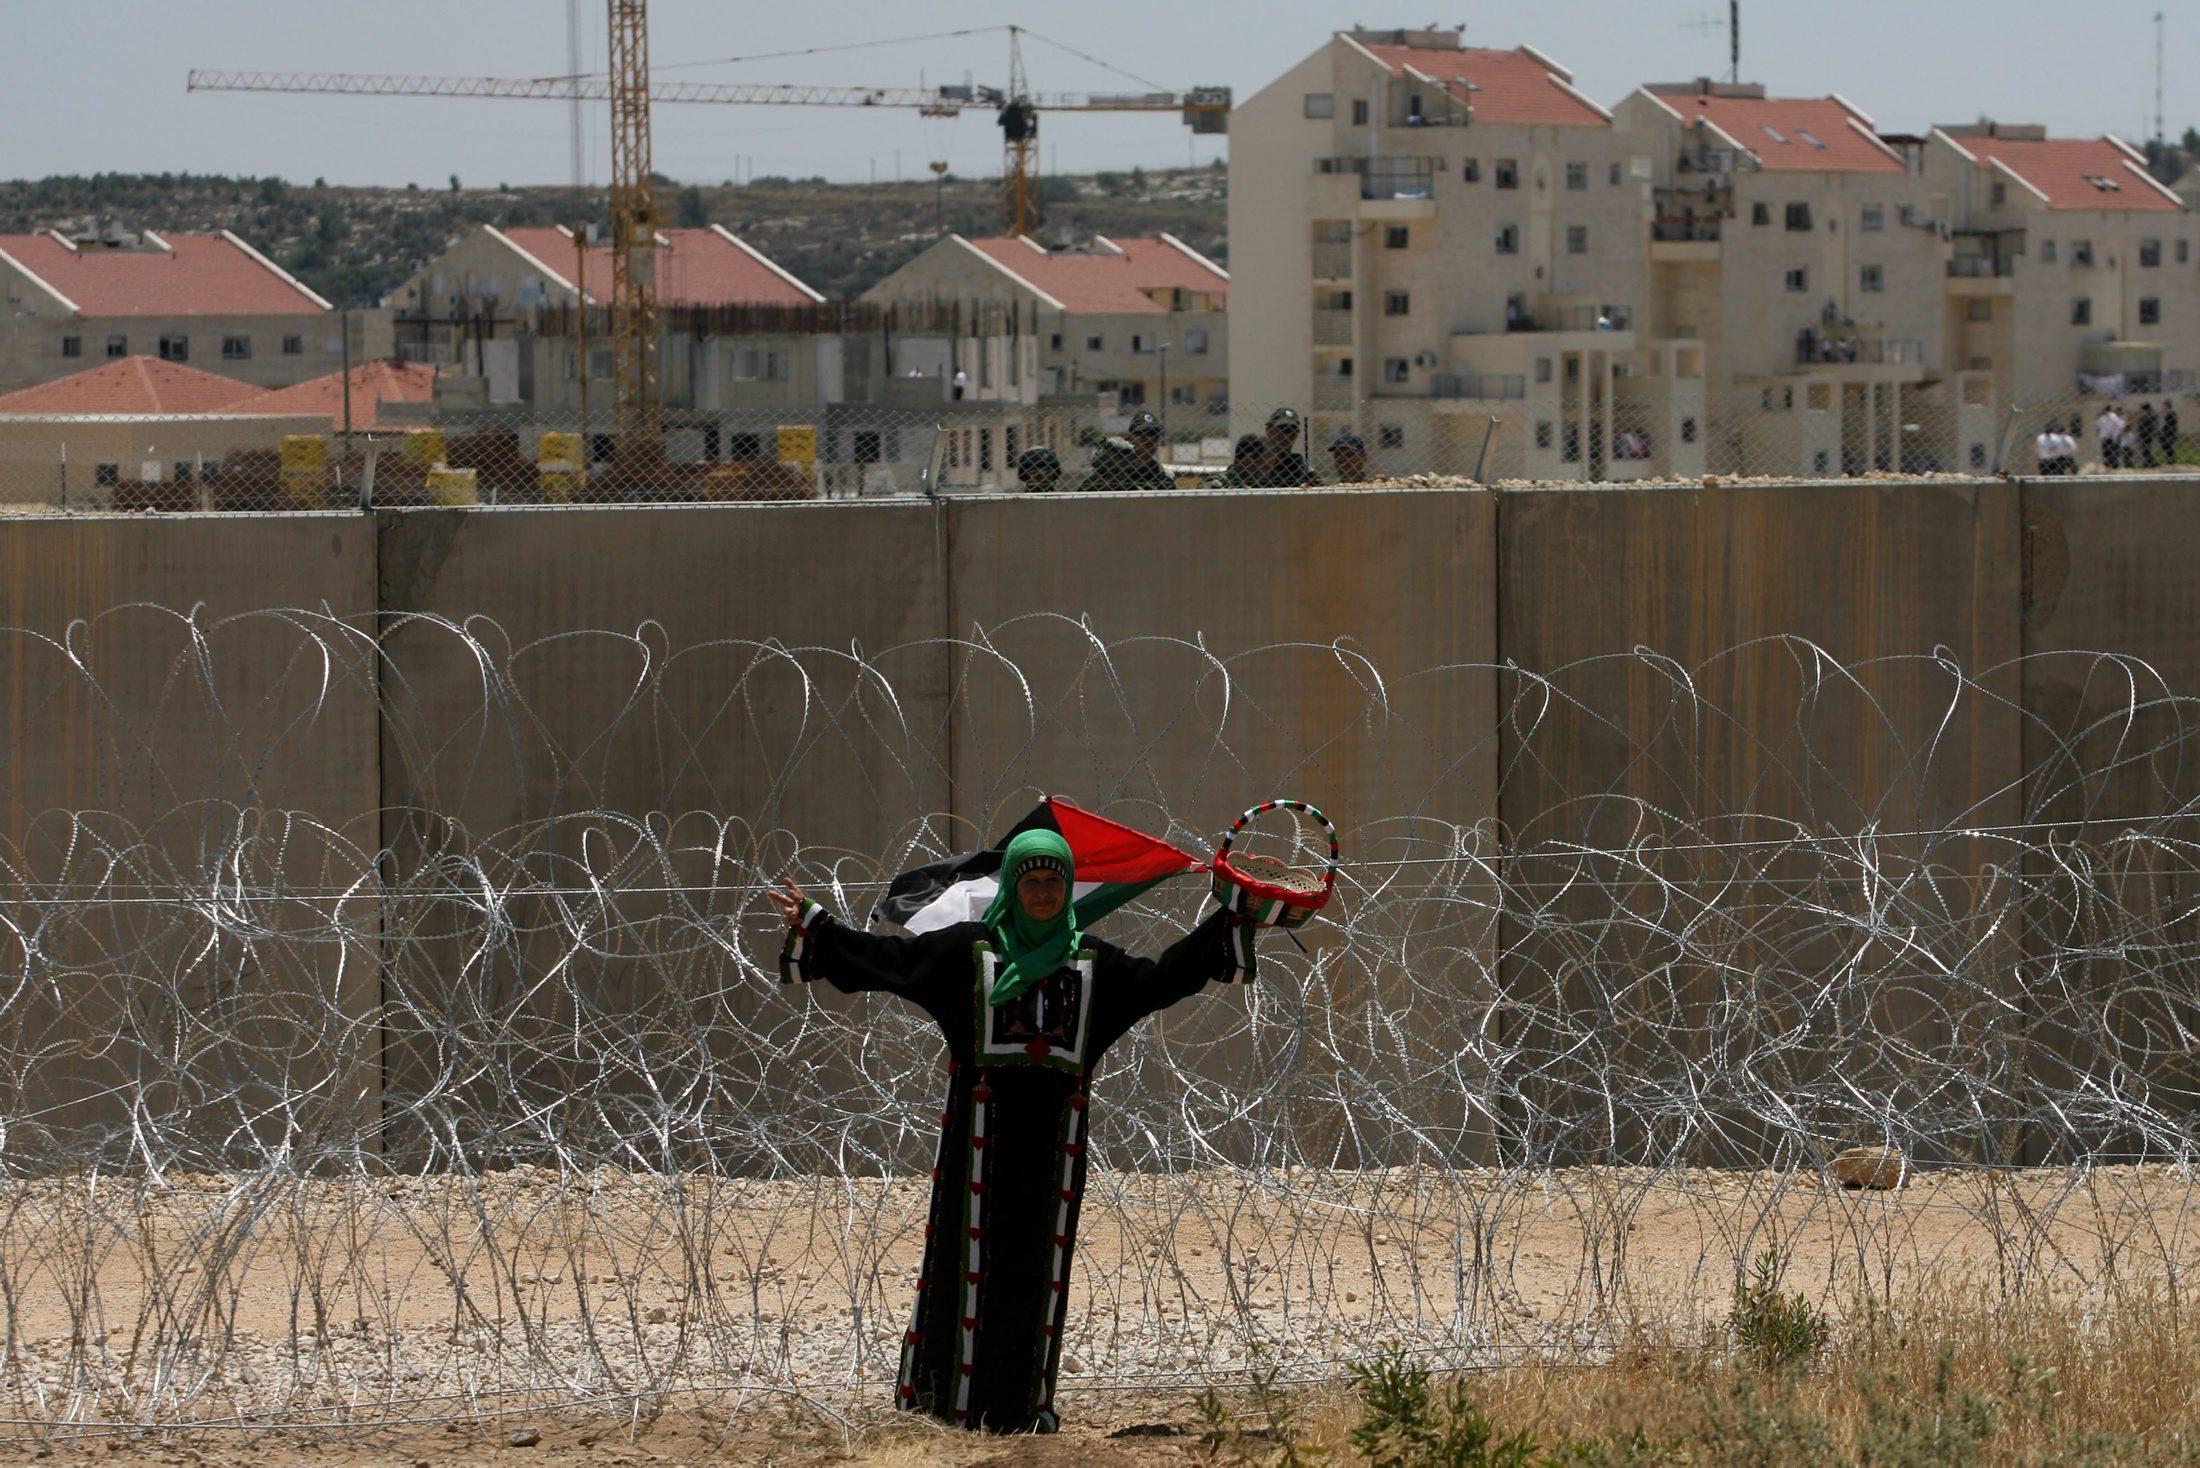 """استطلاعان إسرائيليان: اتفاق سلام وتطبيع علاقات مع العالم العربي أهم من الاعتراف بــ""""الدولة اليهودية"""""""